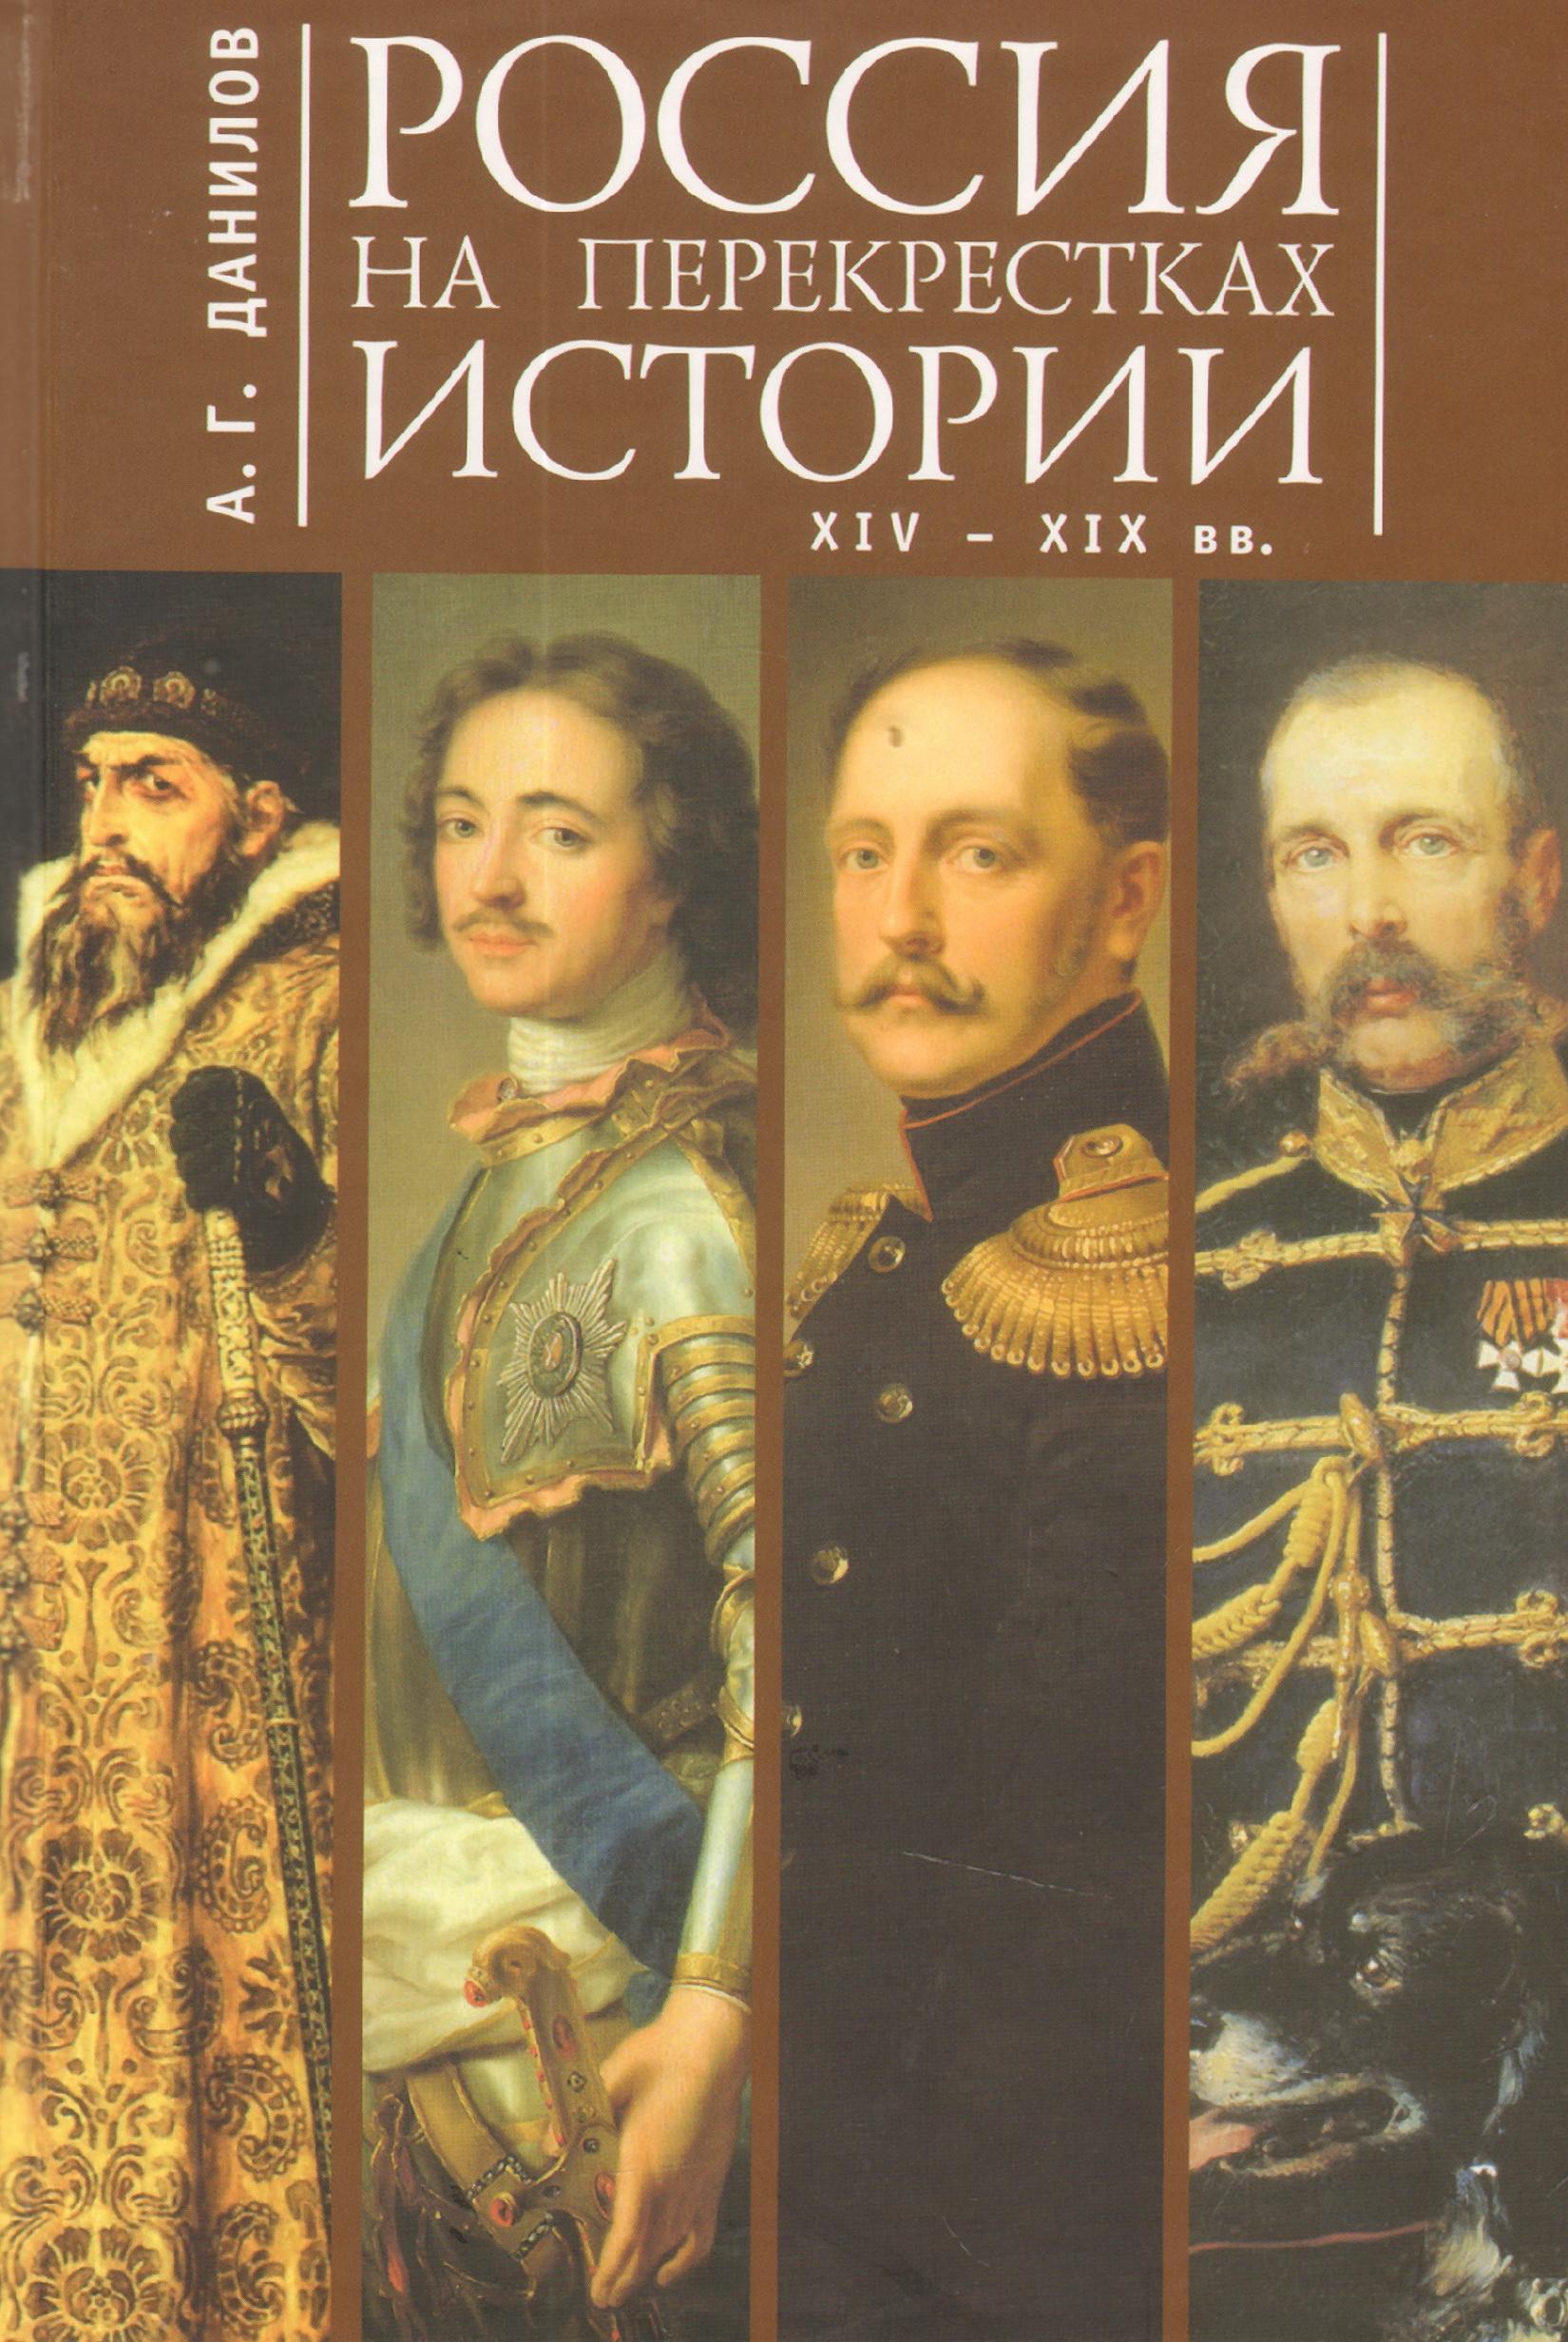 Россия на перекрестках истории XIV-XIX вв.